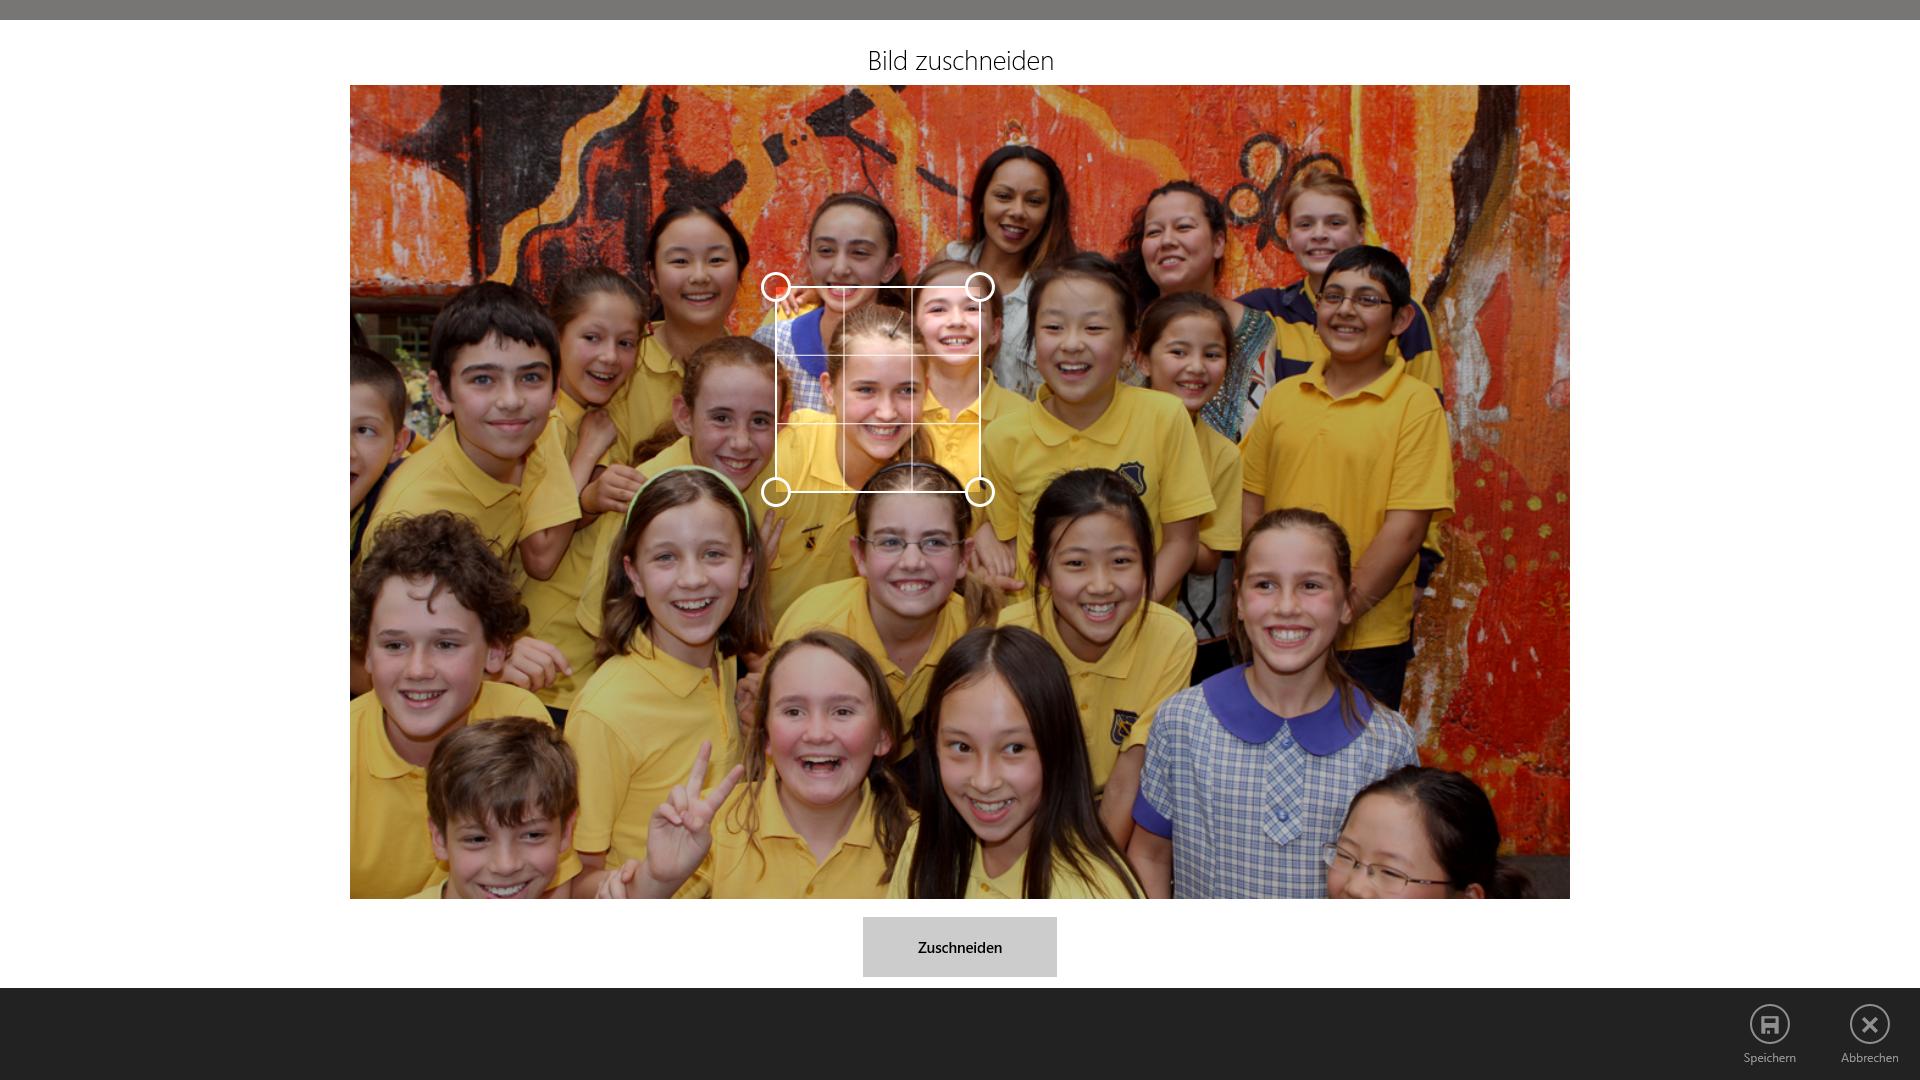 TeacherStudio-Windows-Gruppenfoto-zuschneiden